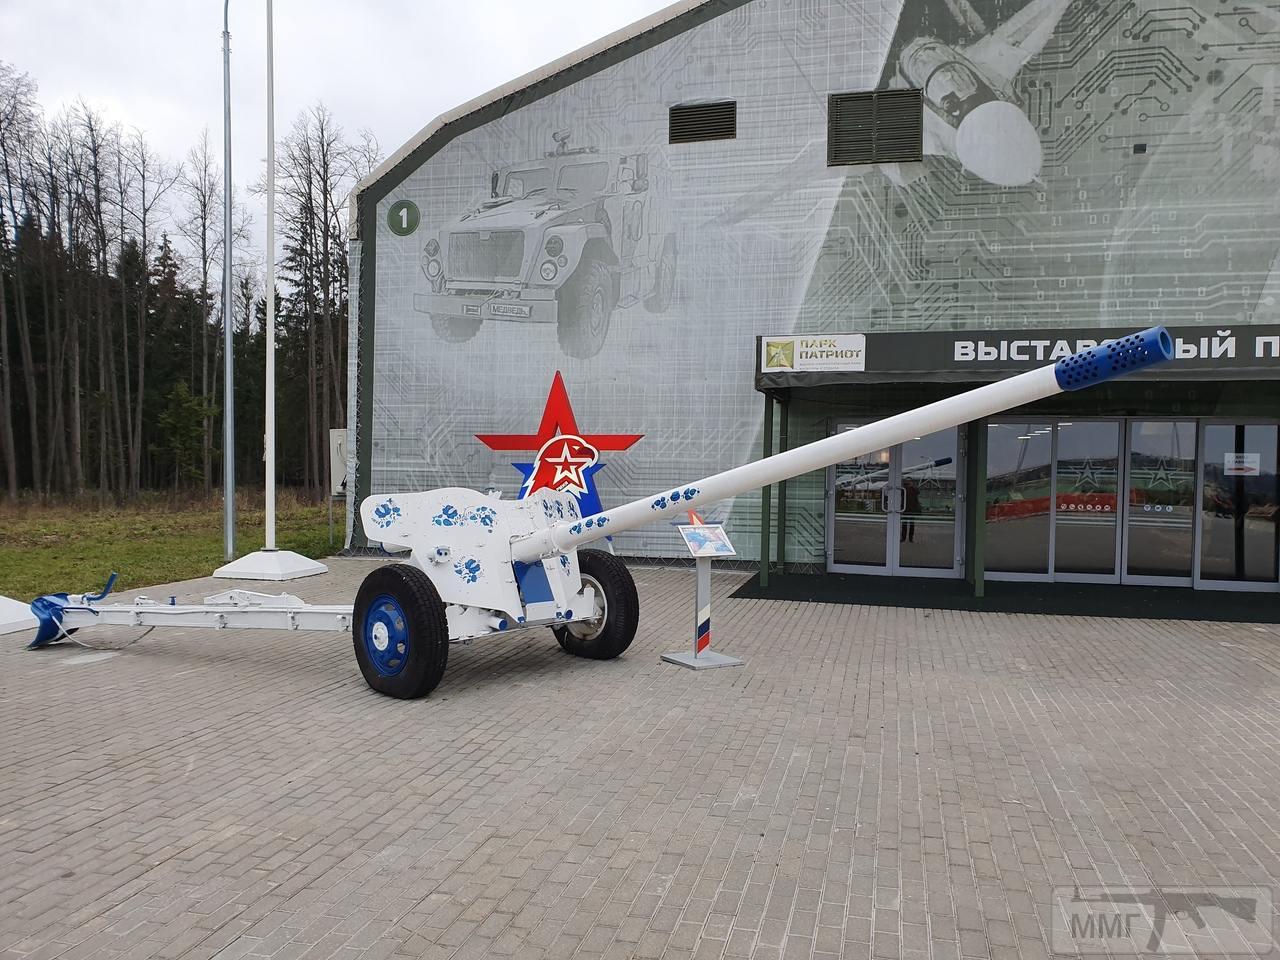 78873 - А в России чудеса!